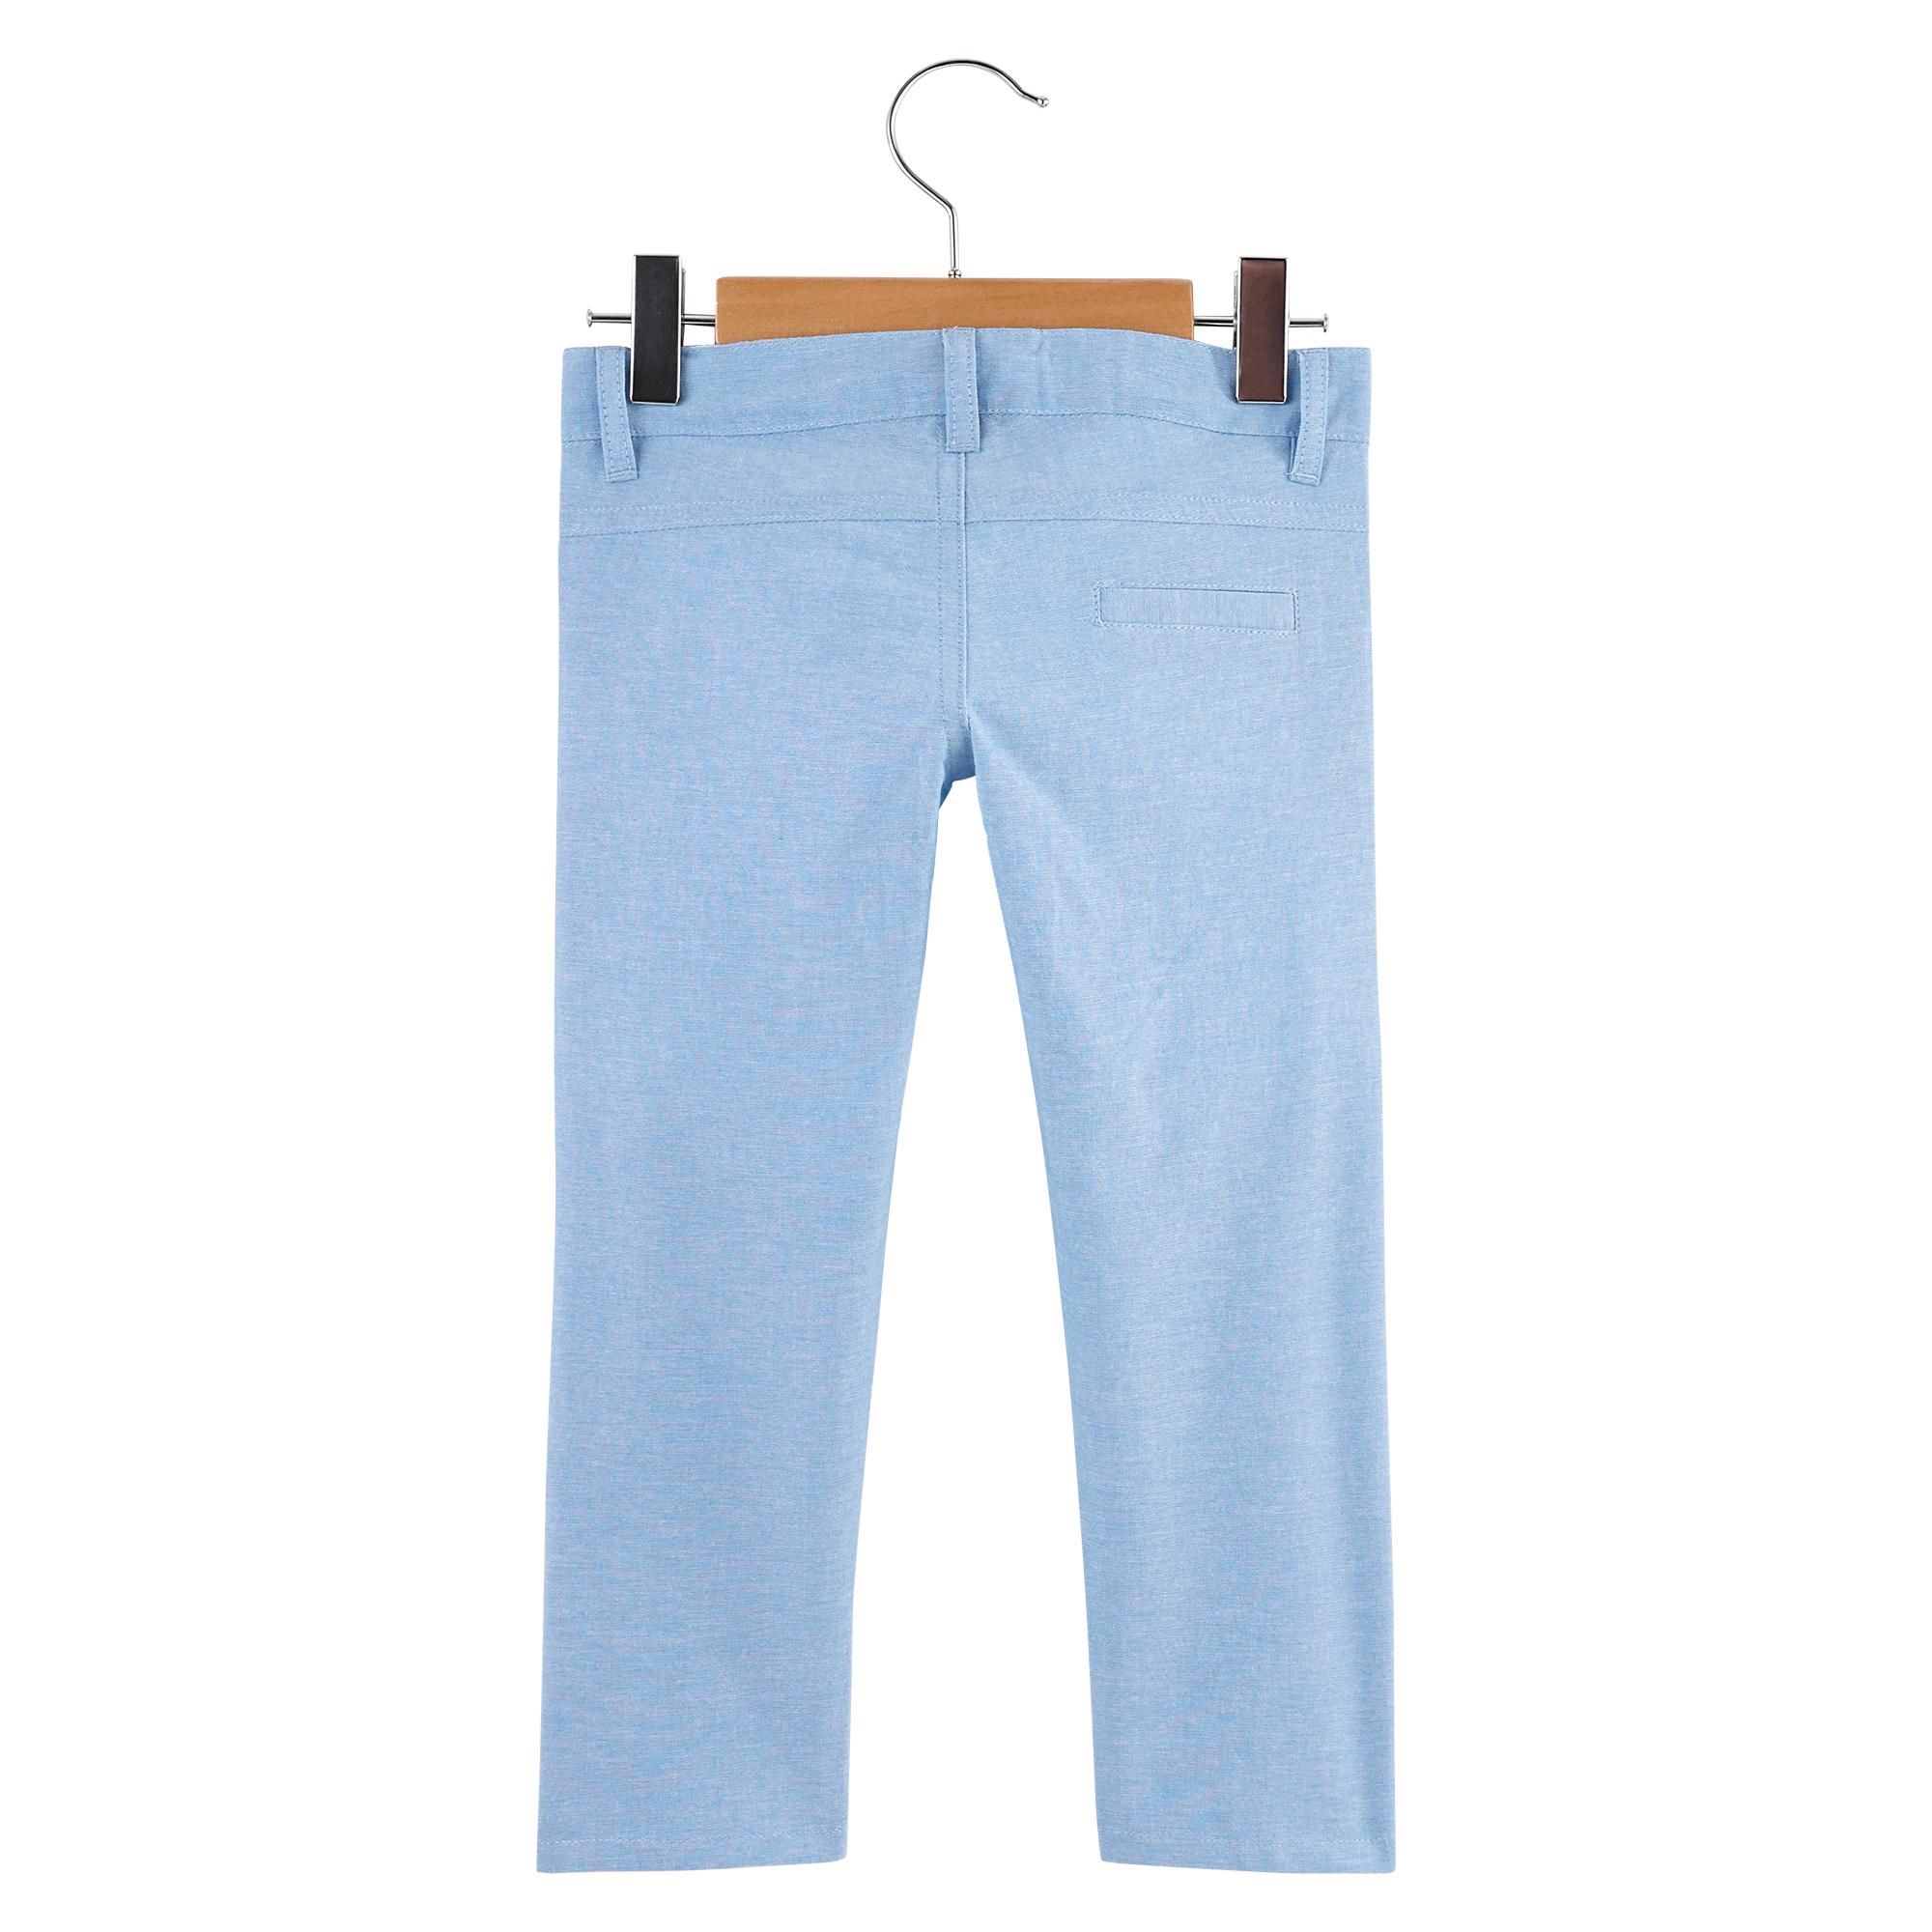 Pantalon Malibu Beach Bleu chambray  de Nano & nanette